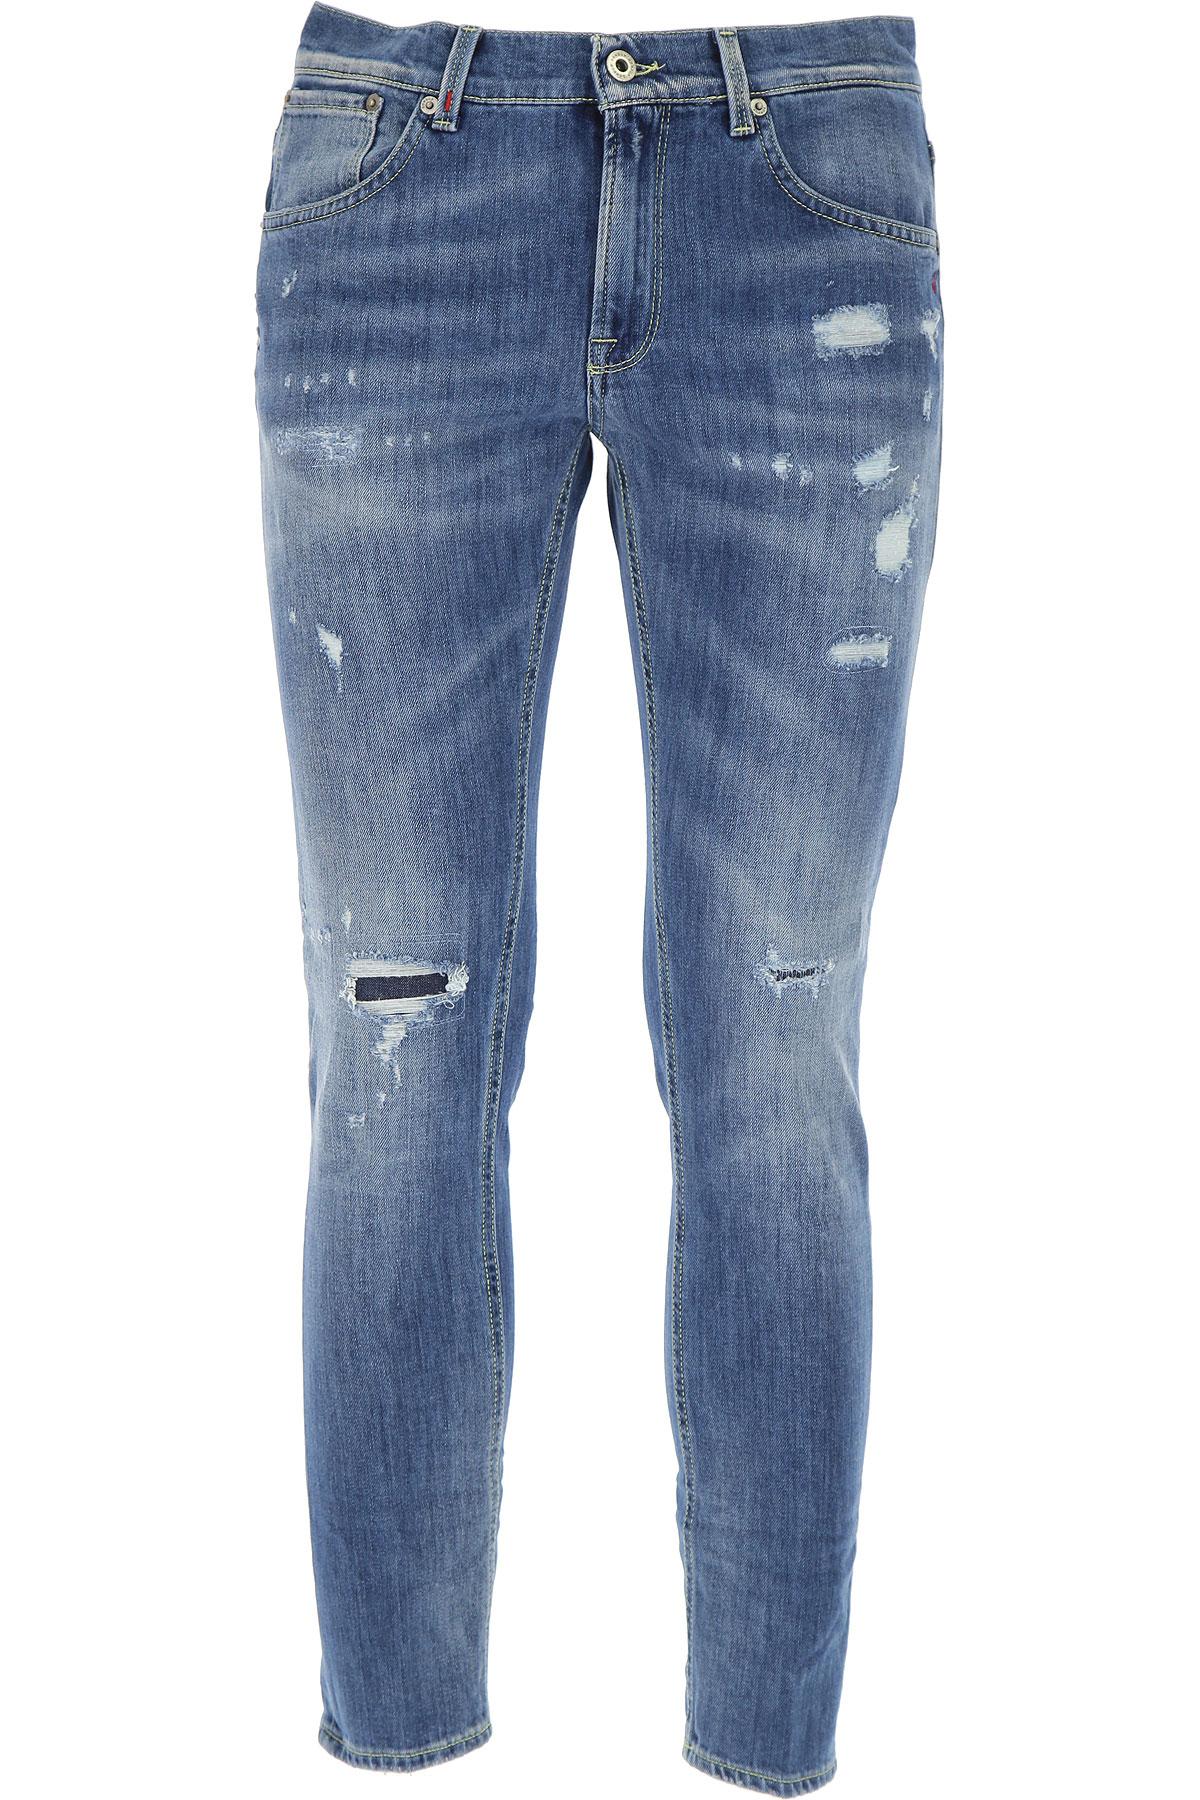 Dondup Jeans On Sale, Denim Blue, Cotton, 2017, 29 30 31 32 33 34